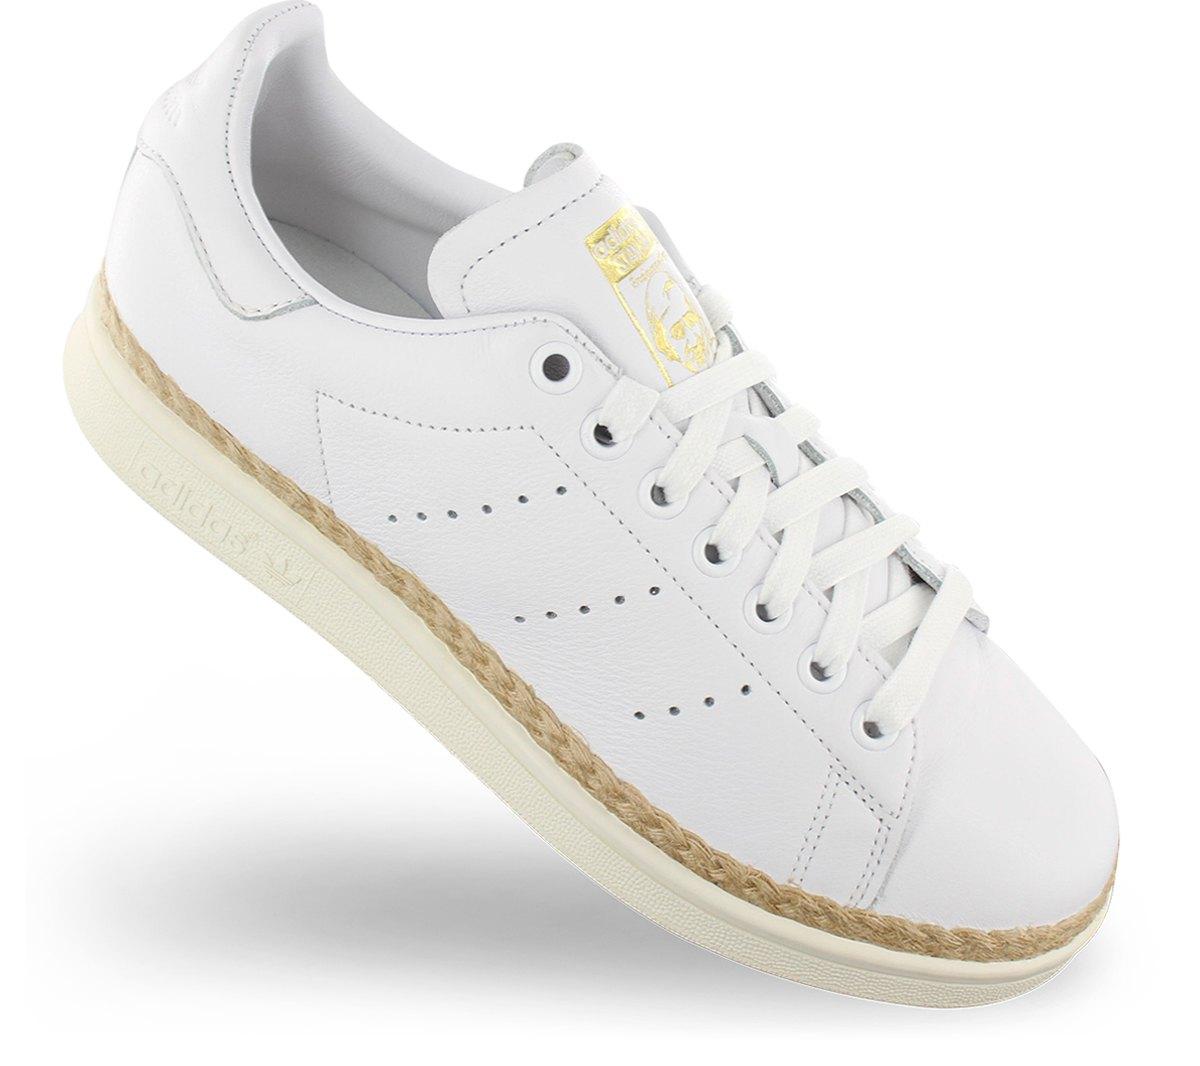 Details zu adidas Originals Stan Smith New Bold W Damen Sneaker CQ2439 Weiß Schuh Turnschuh